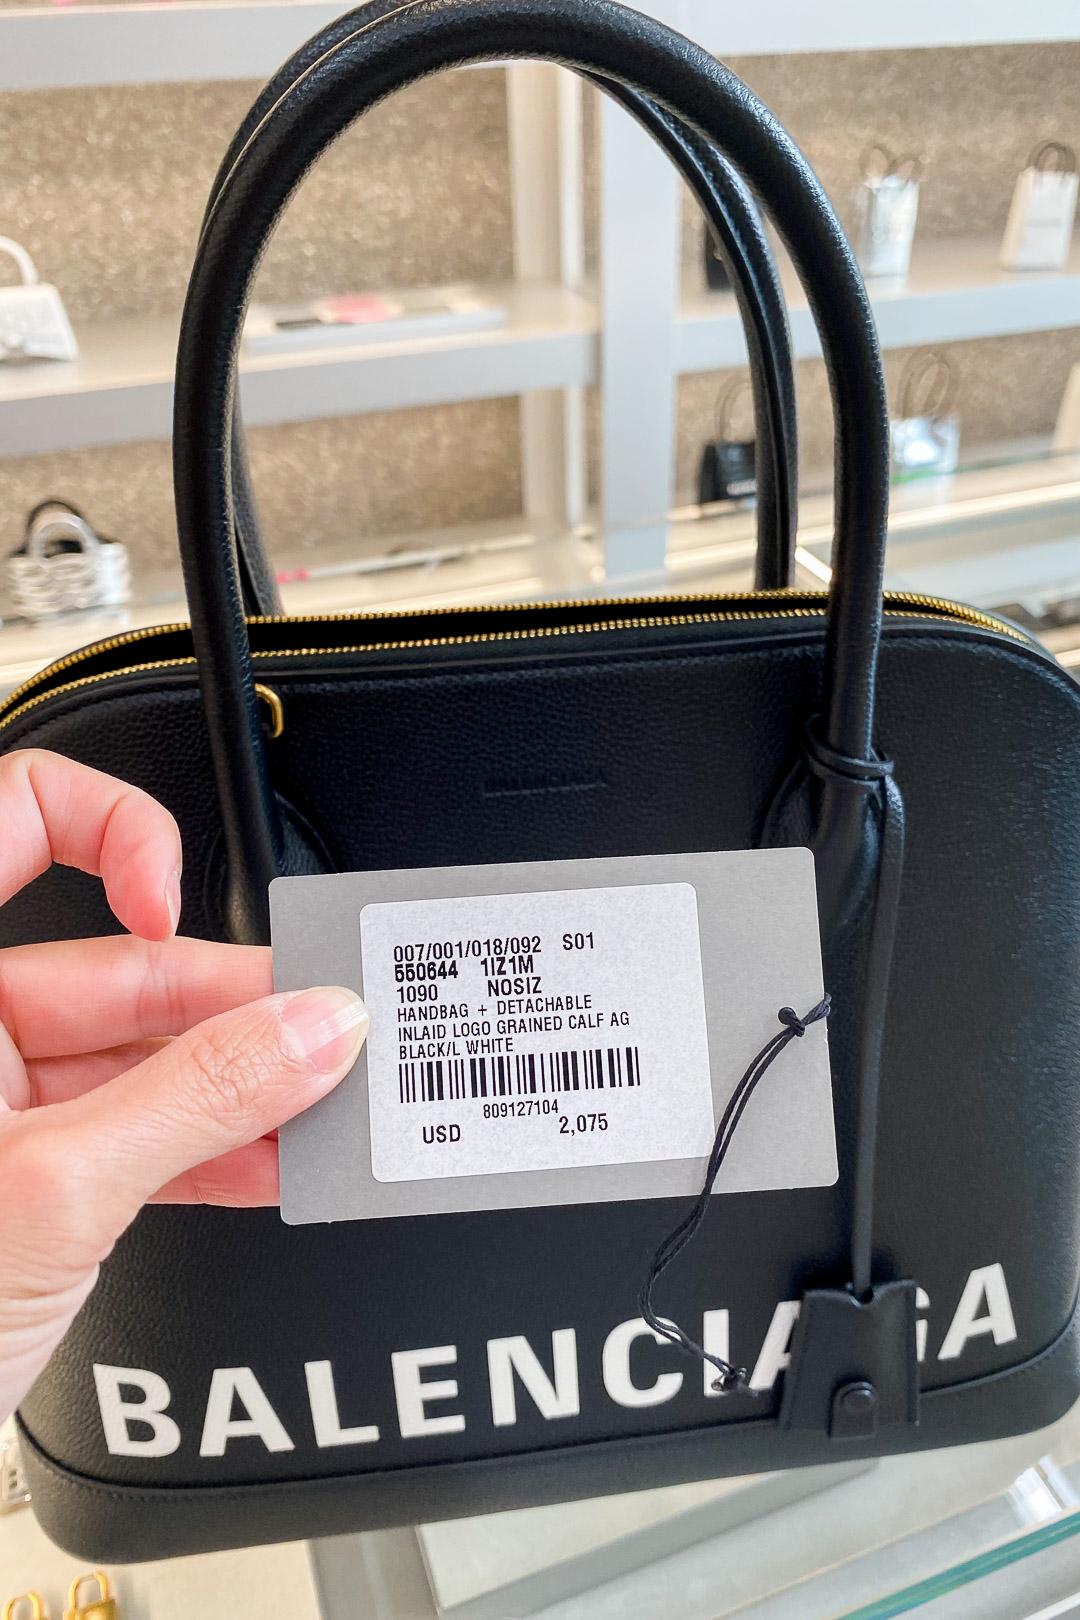 Balenciaga Hawaii Waikiki Women's Ville Top Handle Medium Bag Price